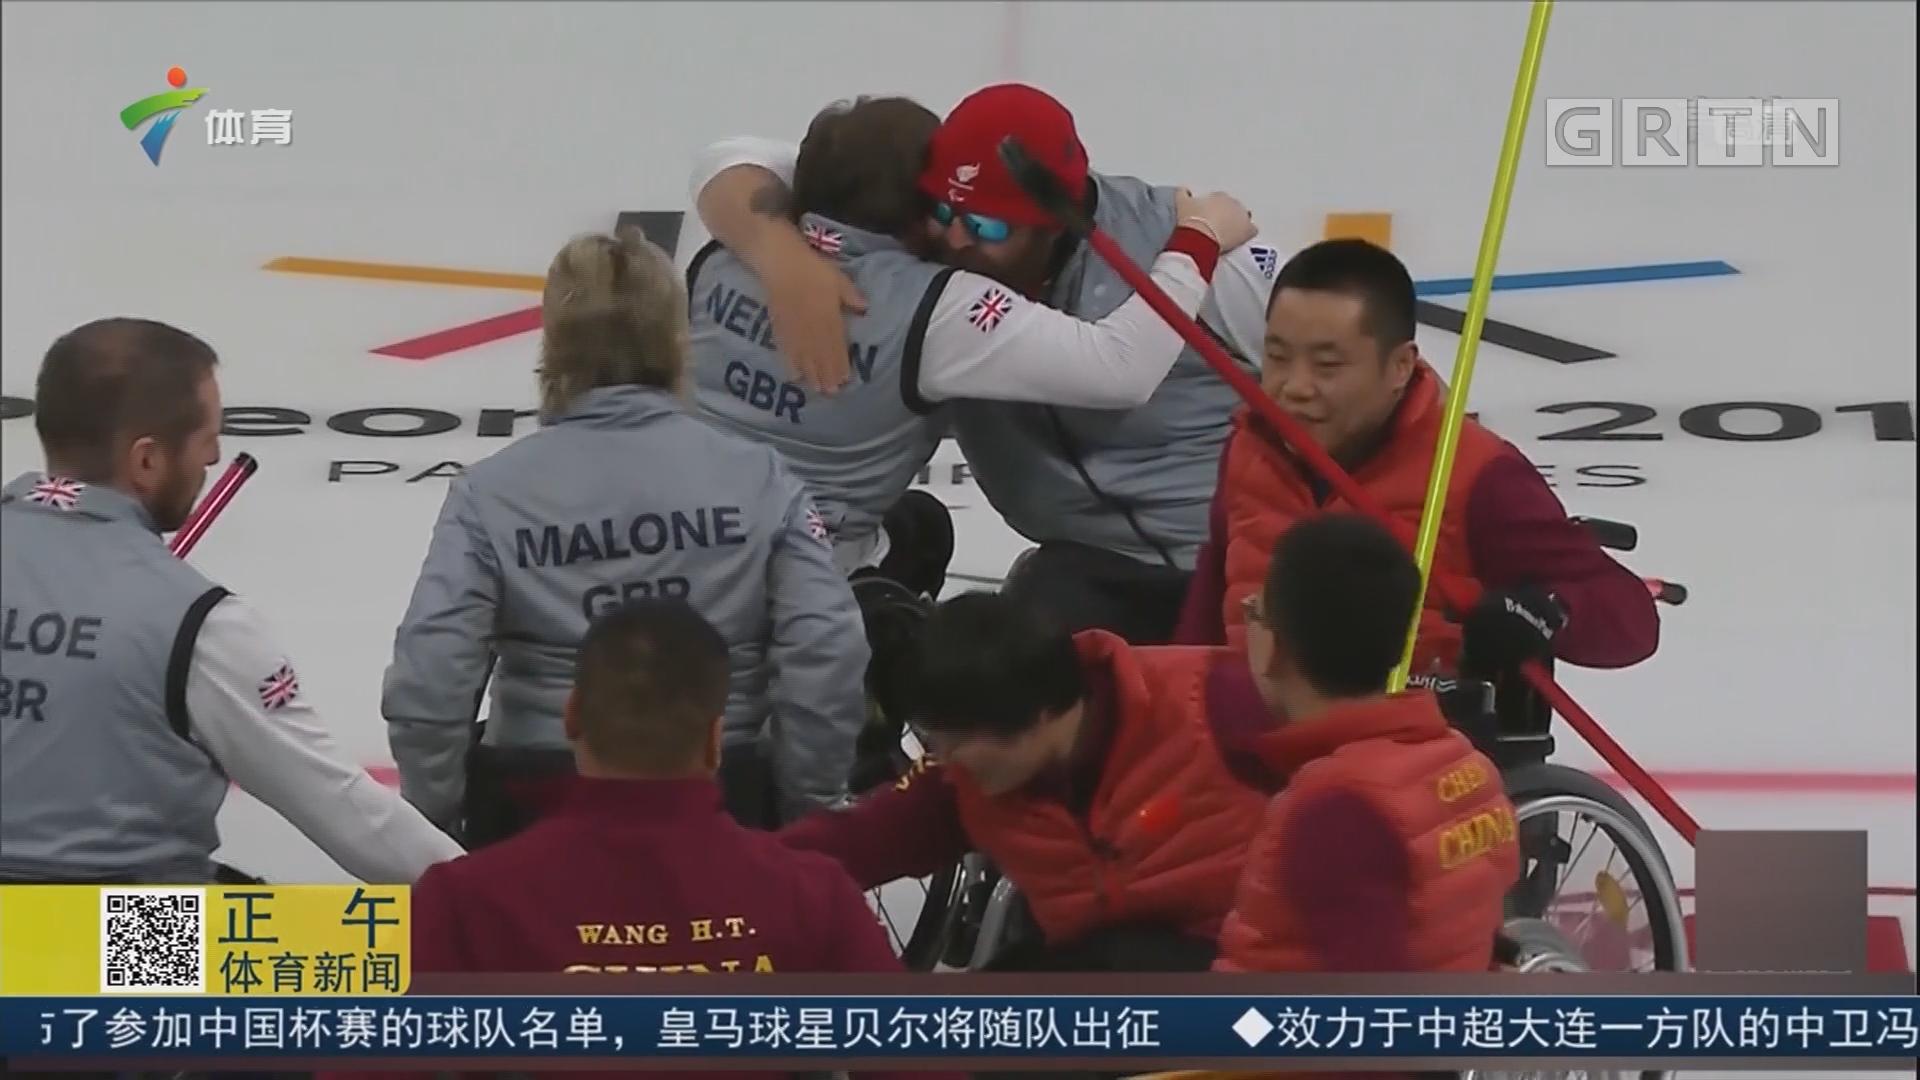 冬残奥会 中国轮椅冰壶队战胜英国队进入四强